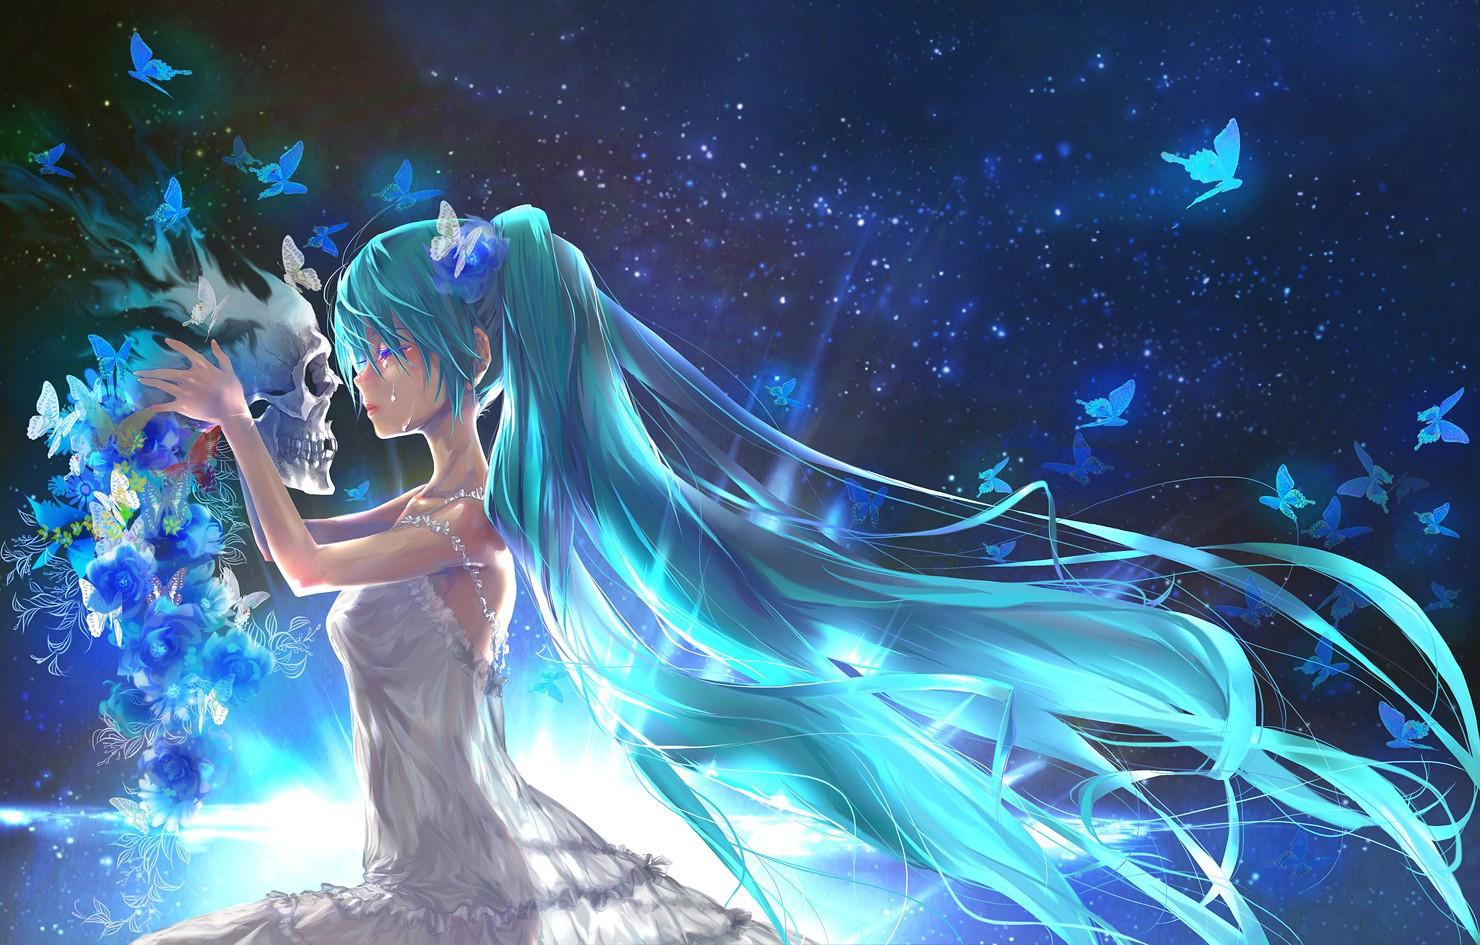 Fond d'écran : illustration, Anime, Filles anime, Vocaloïde, Hatsune Miku, crâne, mythologie ...